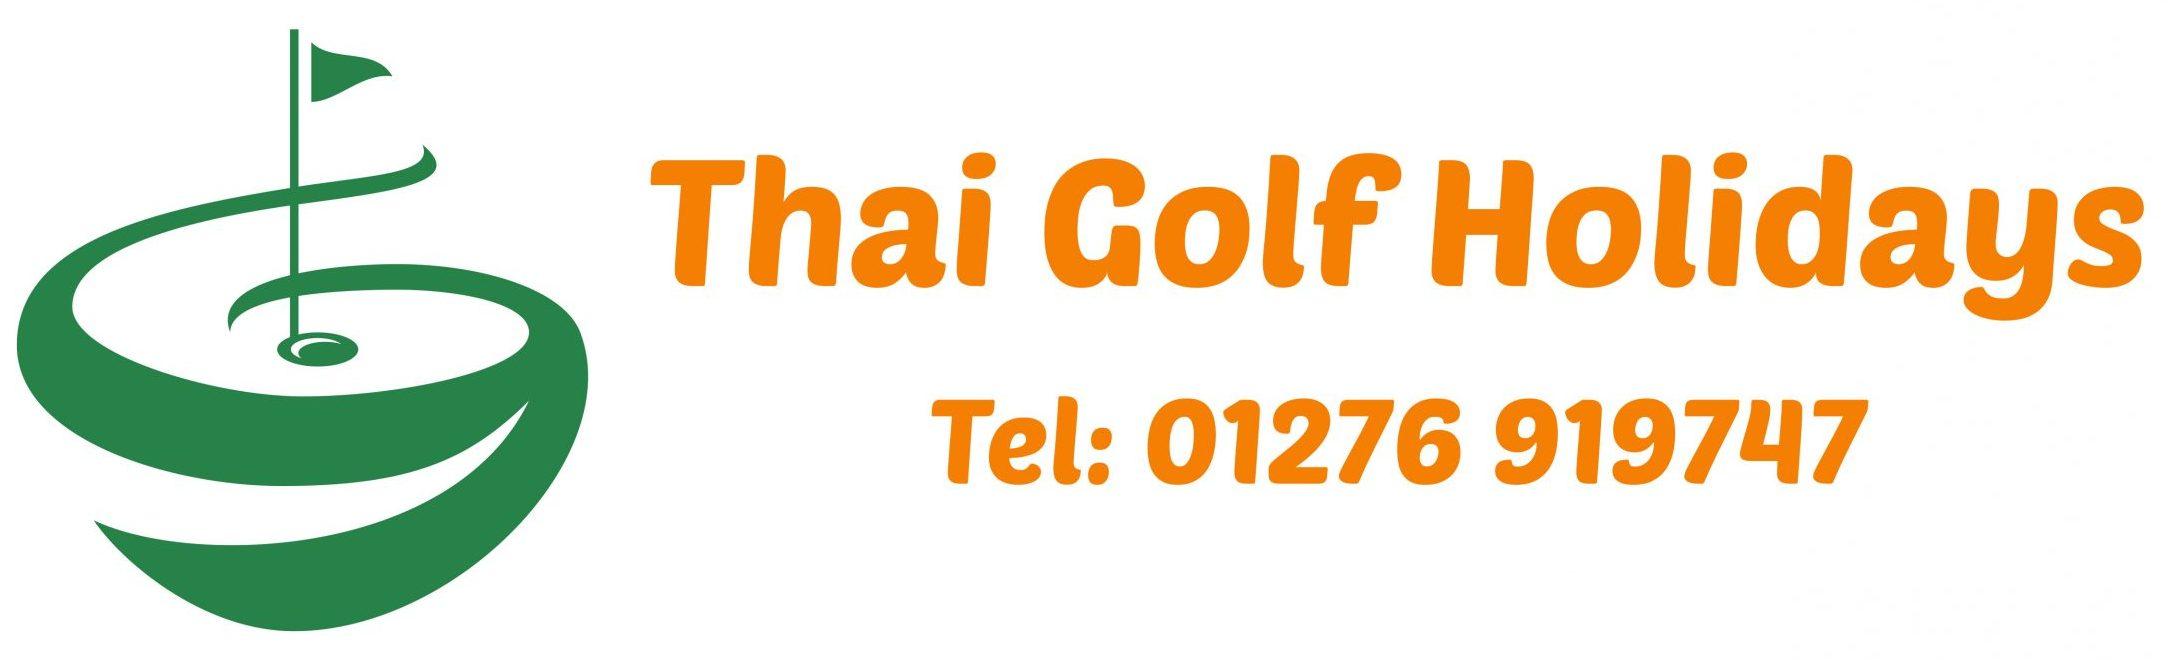 Thai Golf Holidays